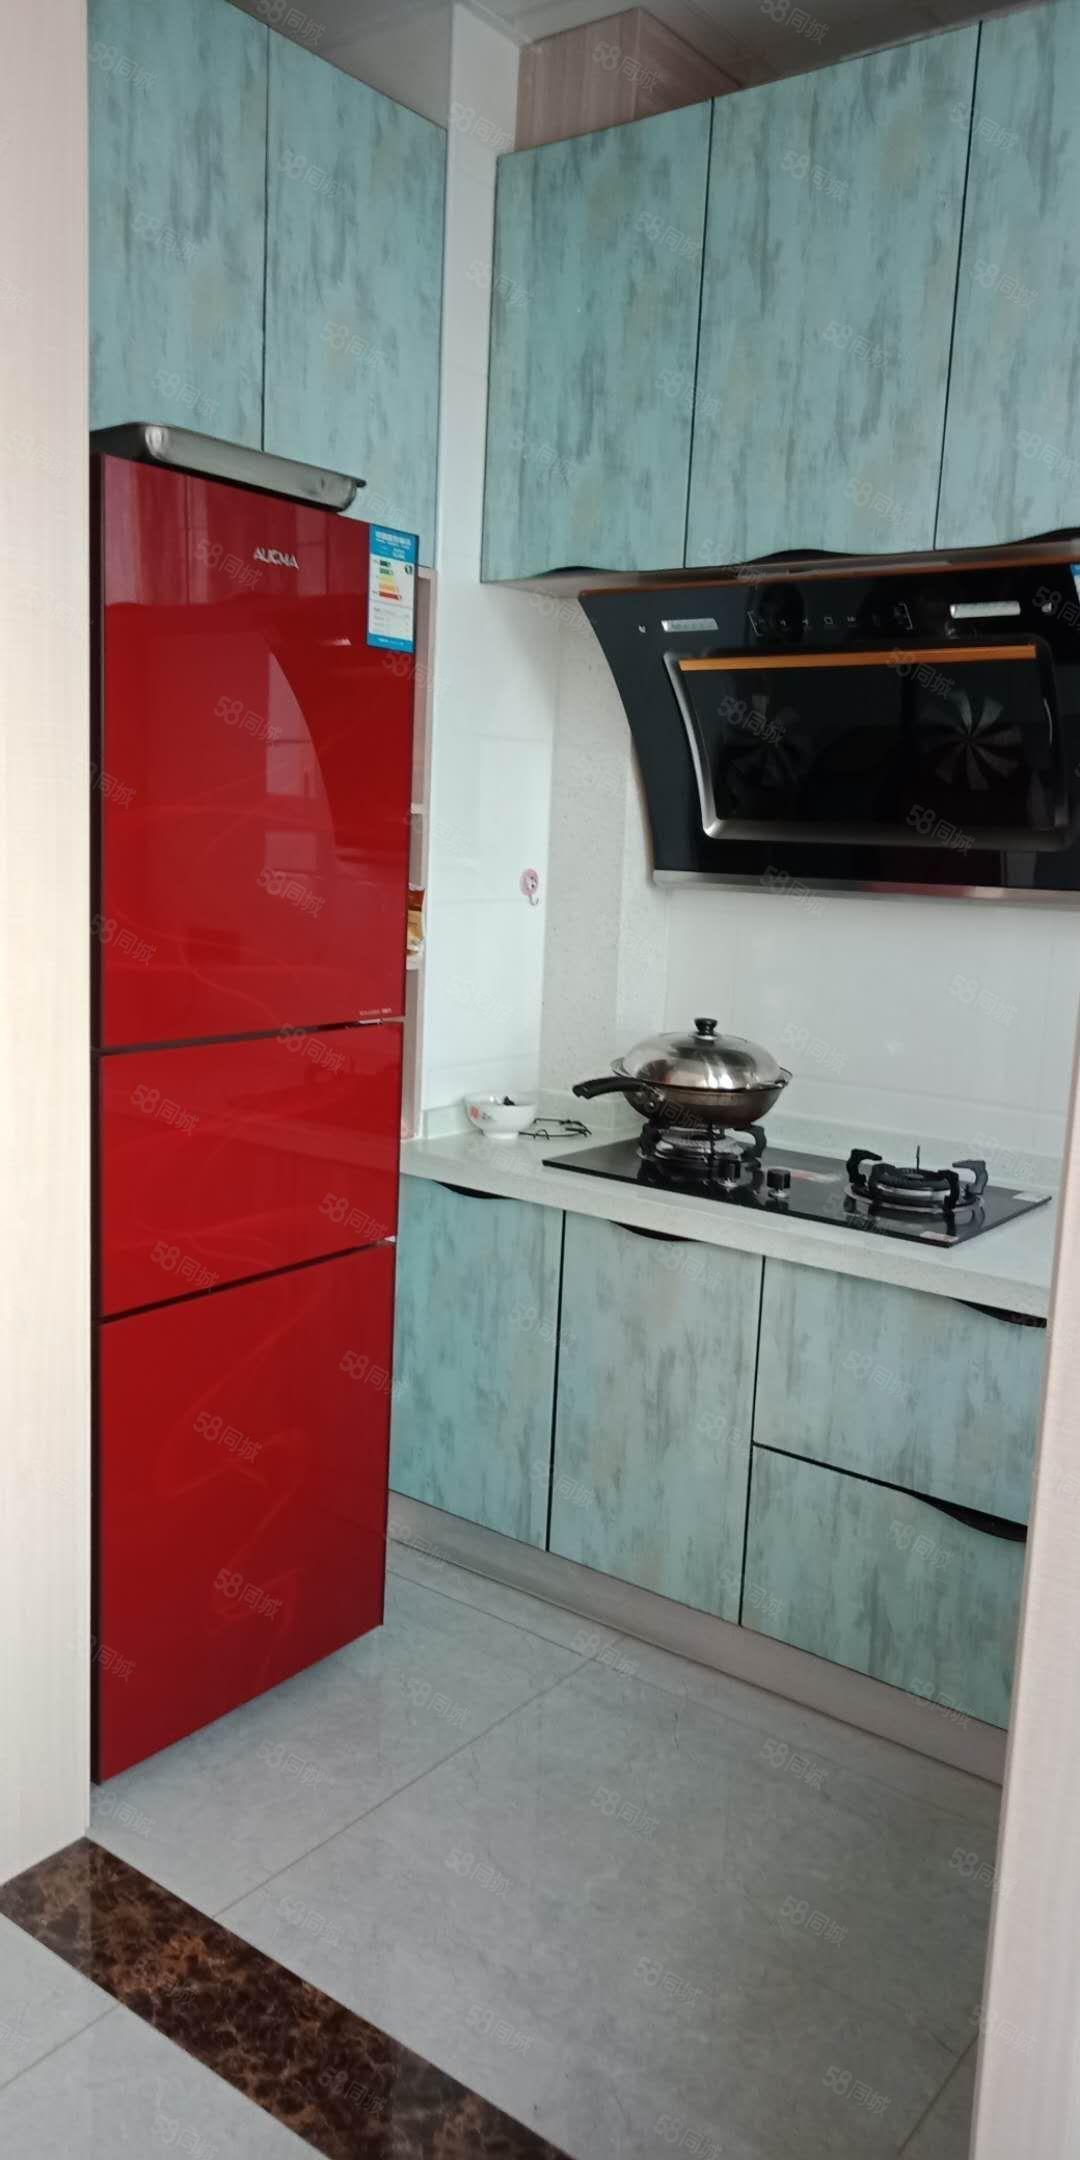 田森汇一室一厅,小公寓,豪华装修,冰箱